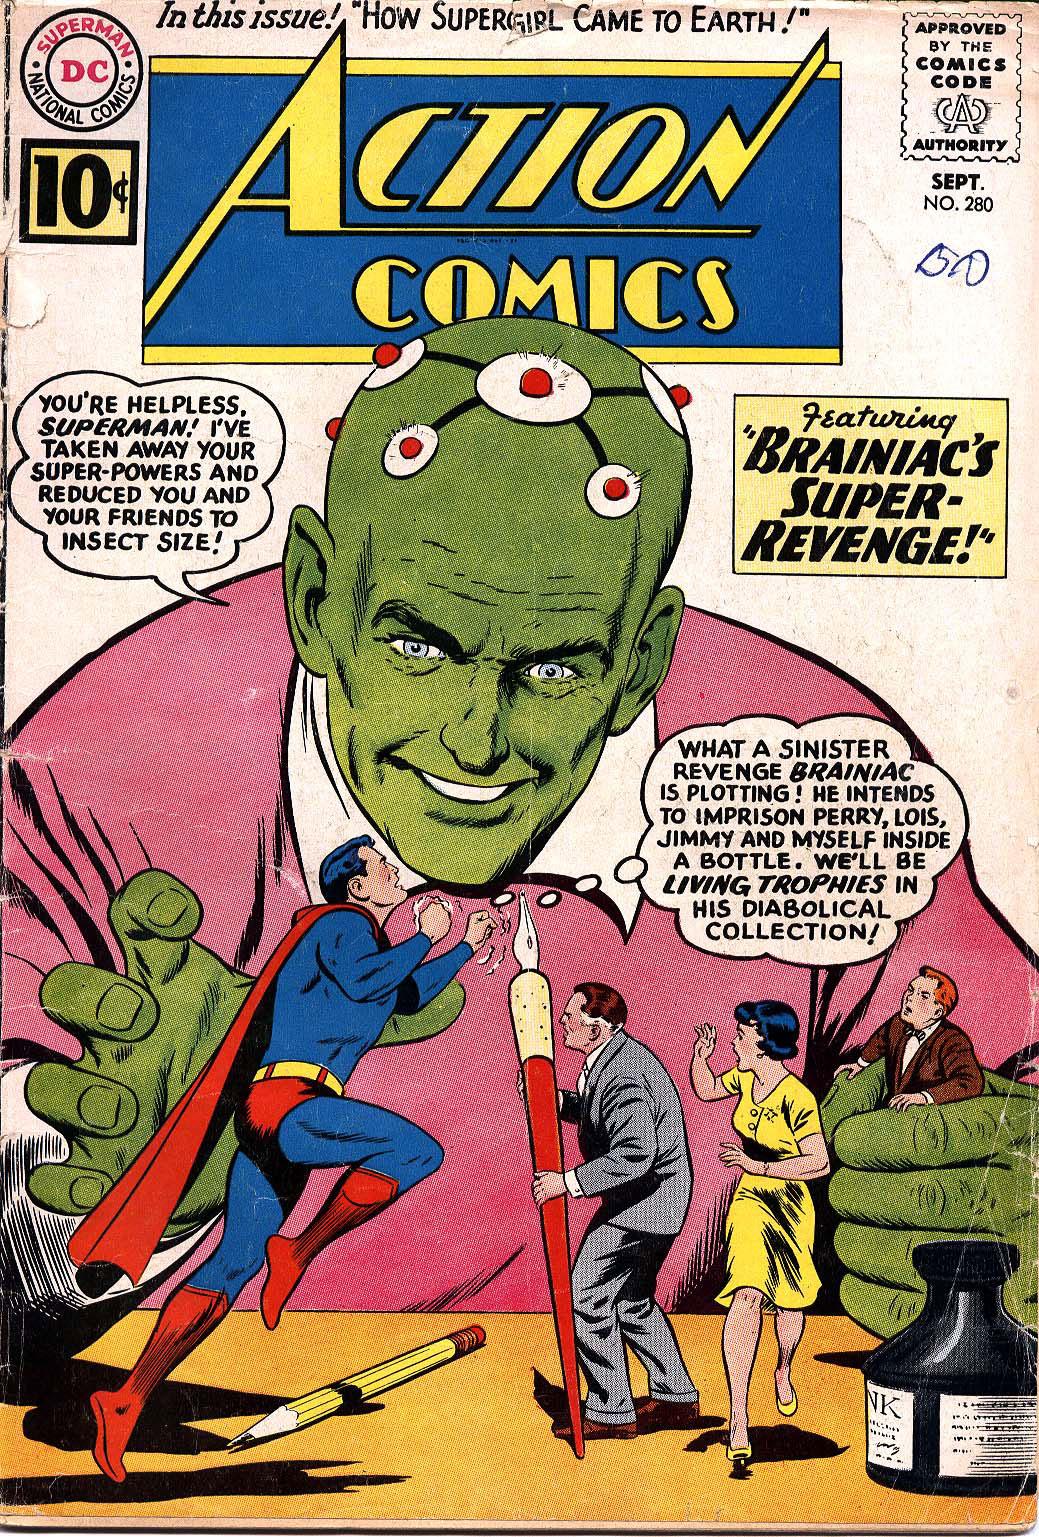 brainiac-cover